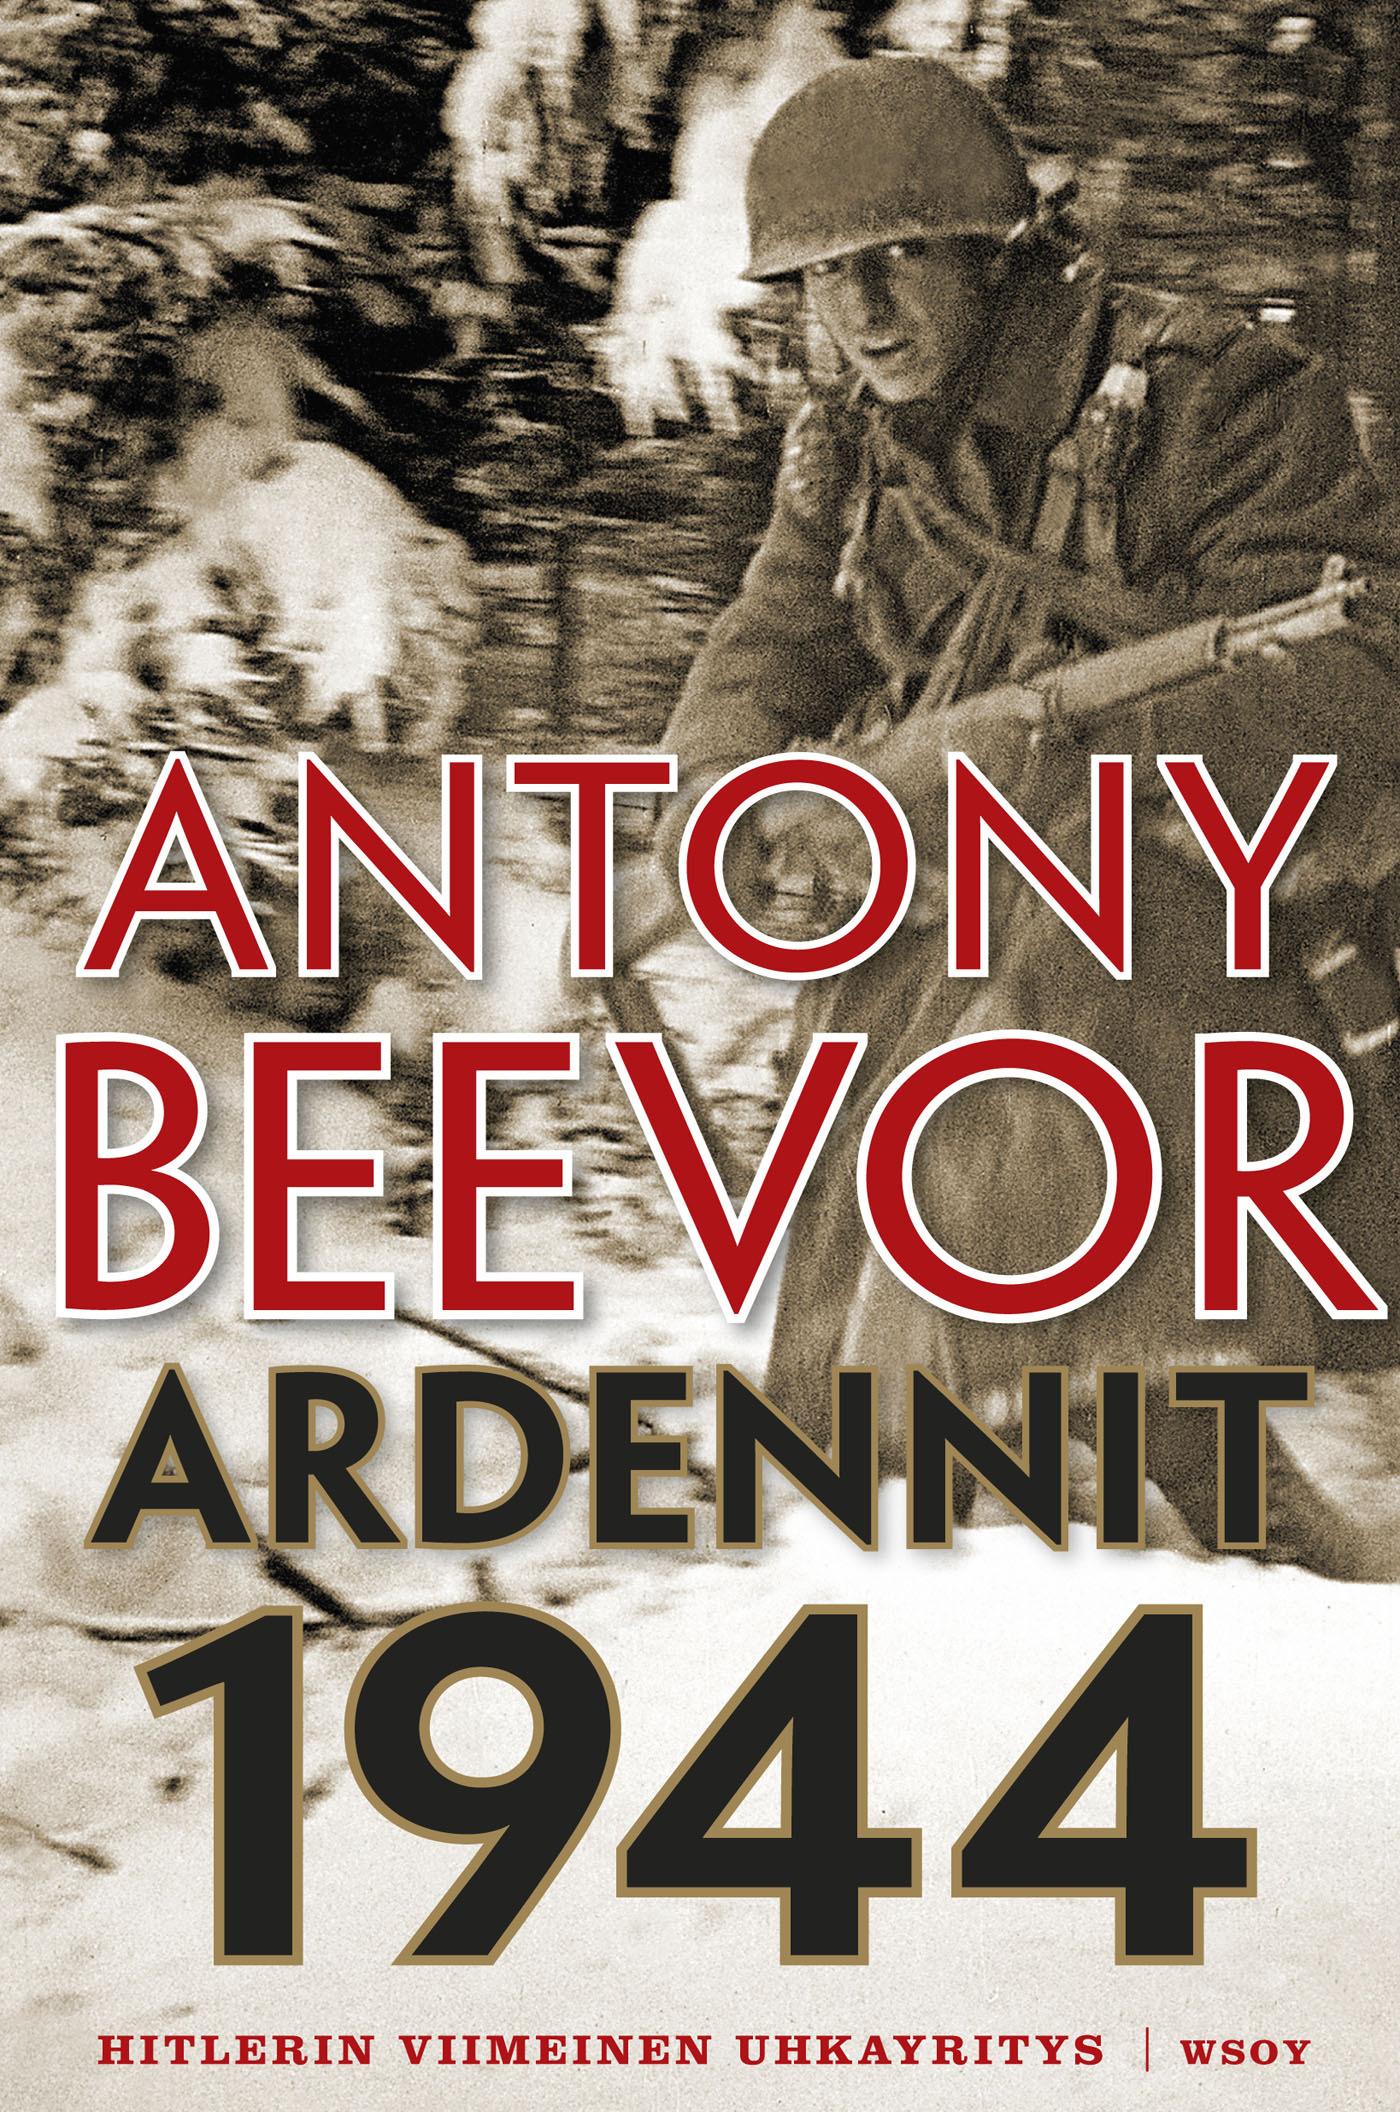 Beevor, Antony - Ardennit 1944: Hitlerin viimeinen uhkayritys, e-kirja